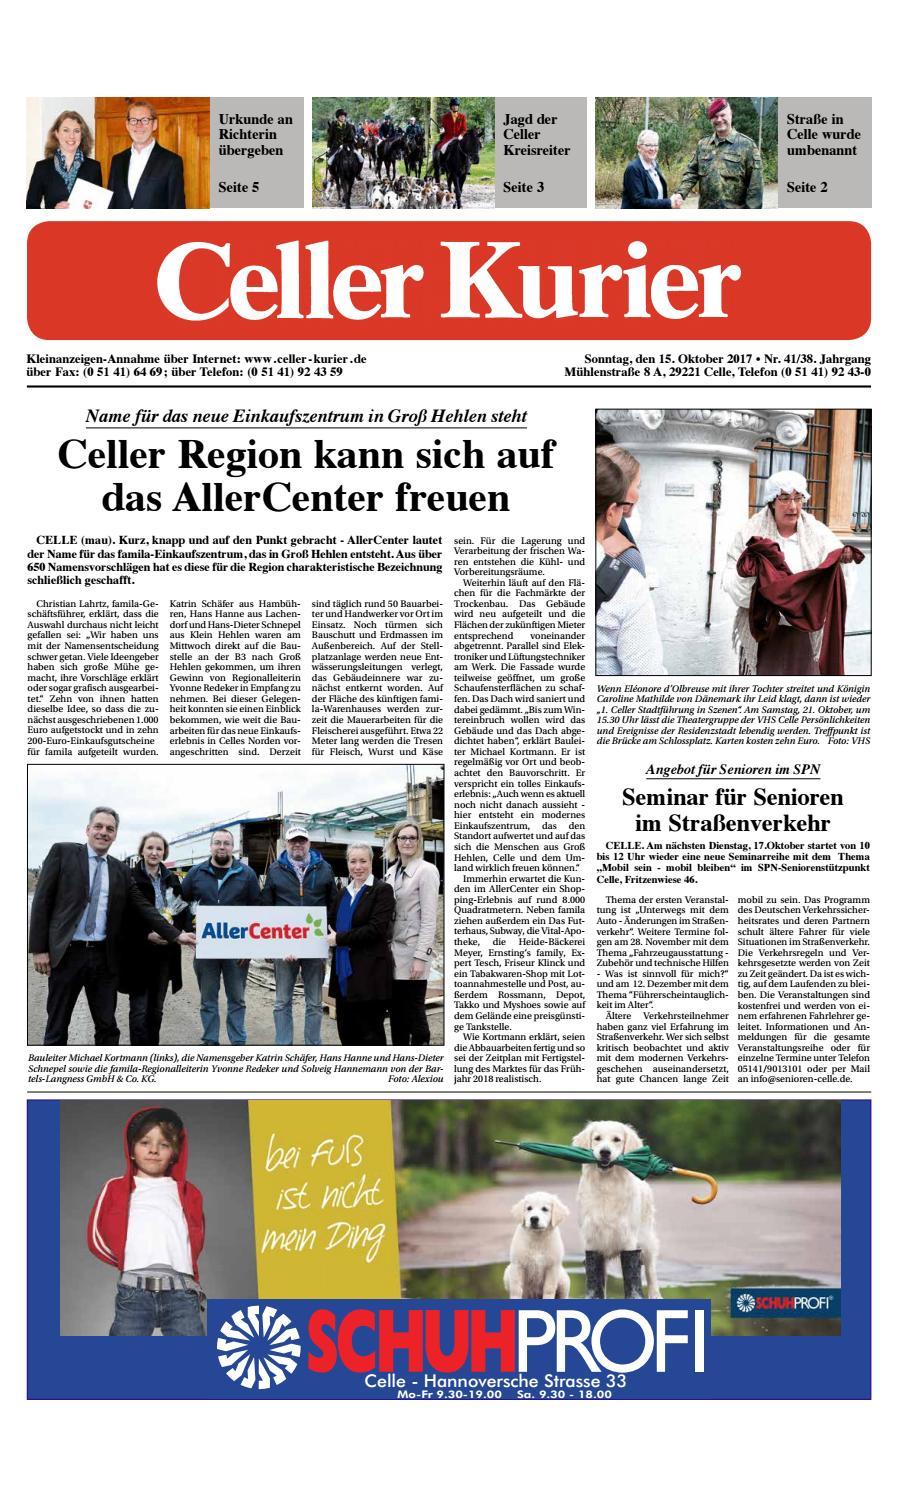 3e7869b79a6c KW41 Celler Kurier Ausgabe Sonntag by Celler Kurier - issuu